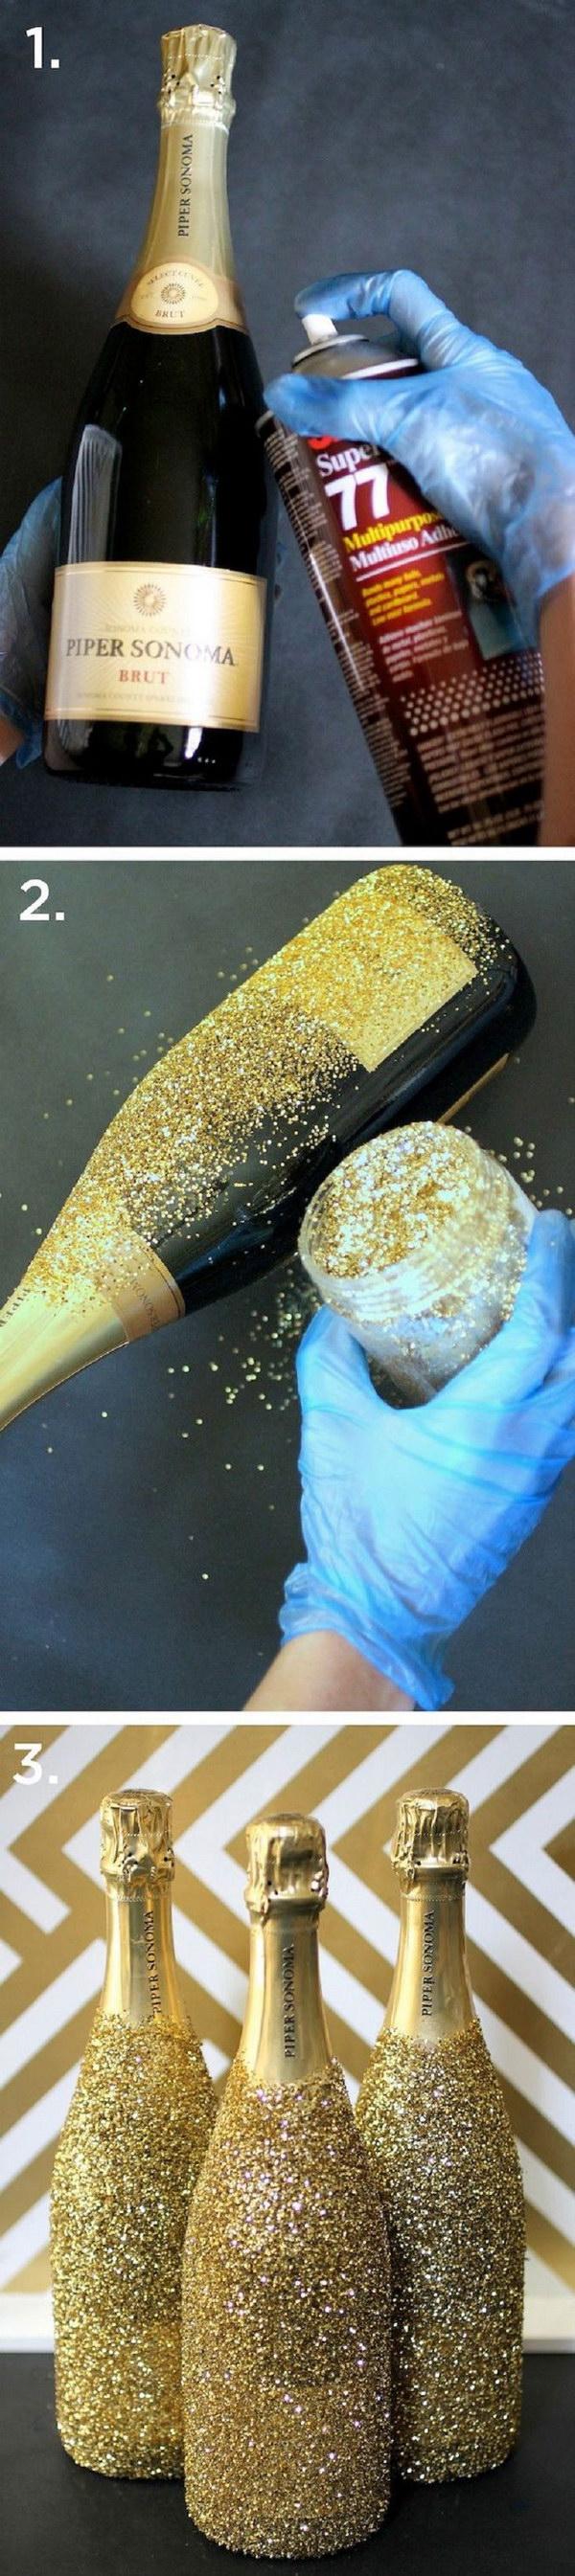 DIY Glitter Champagne Bottles